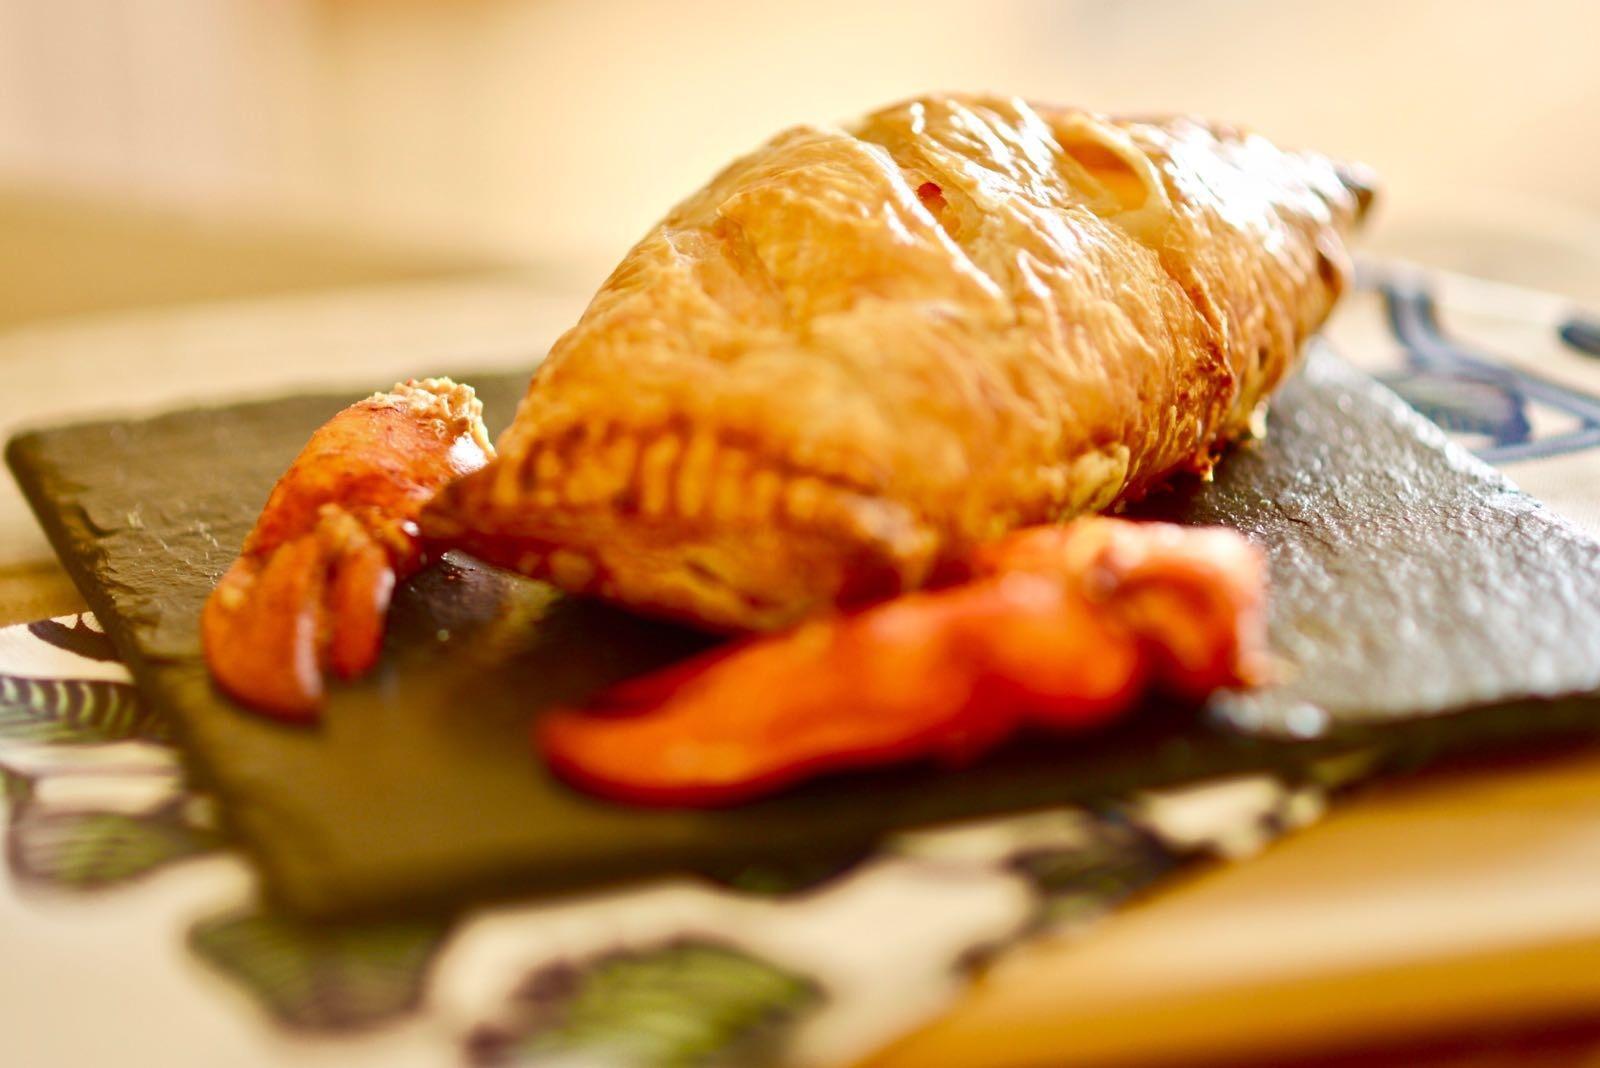 2018-01-27龍蝦威靈頓 Lobster Wellington